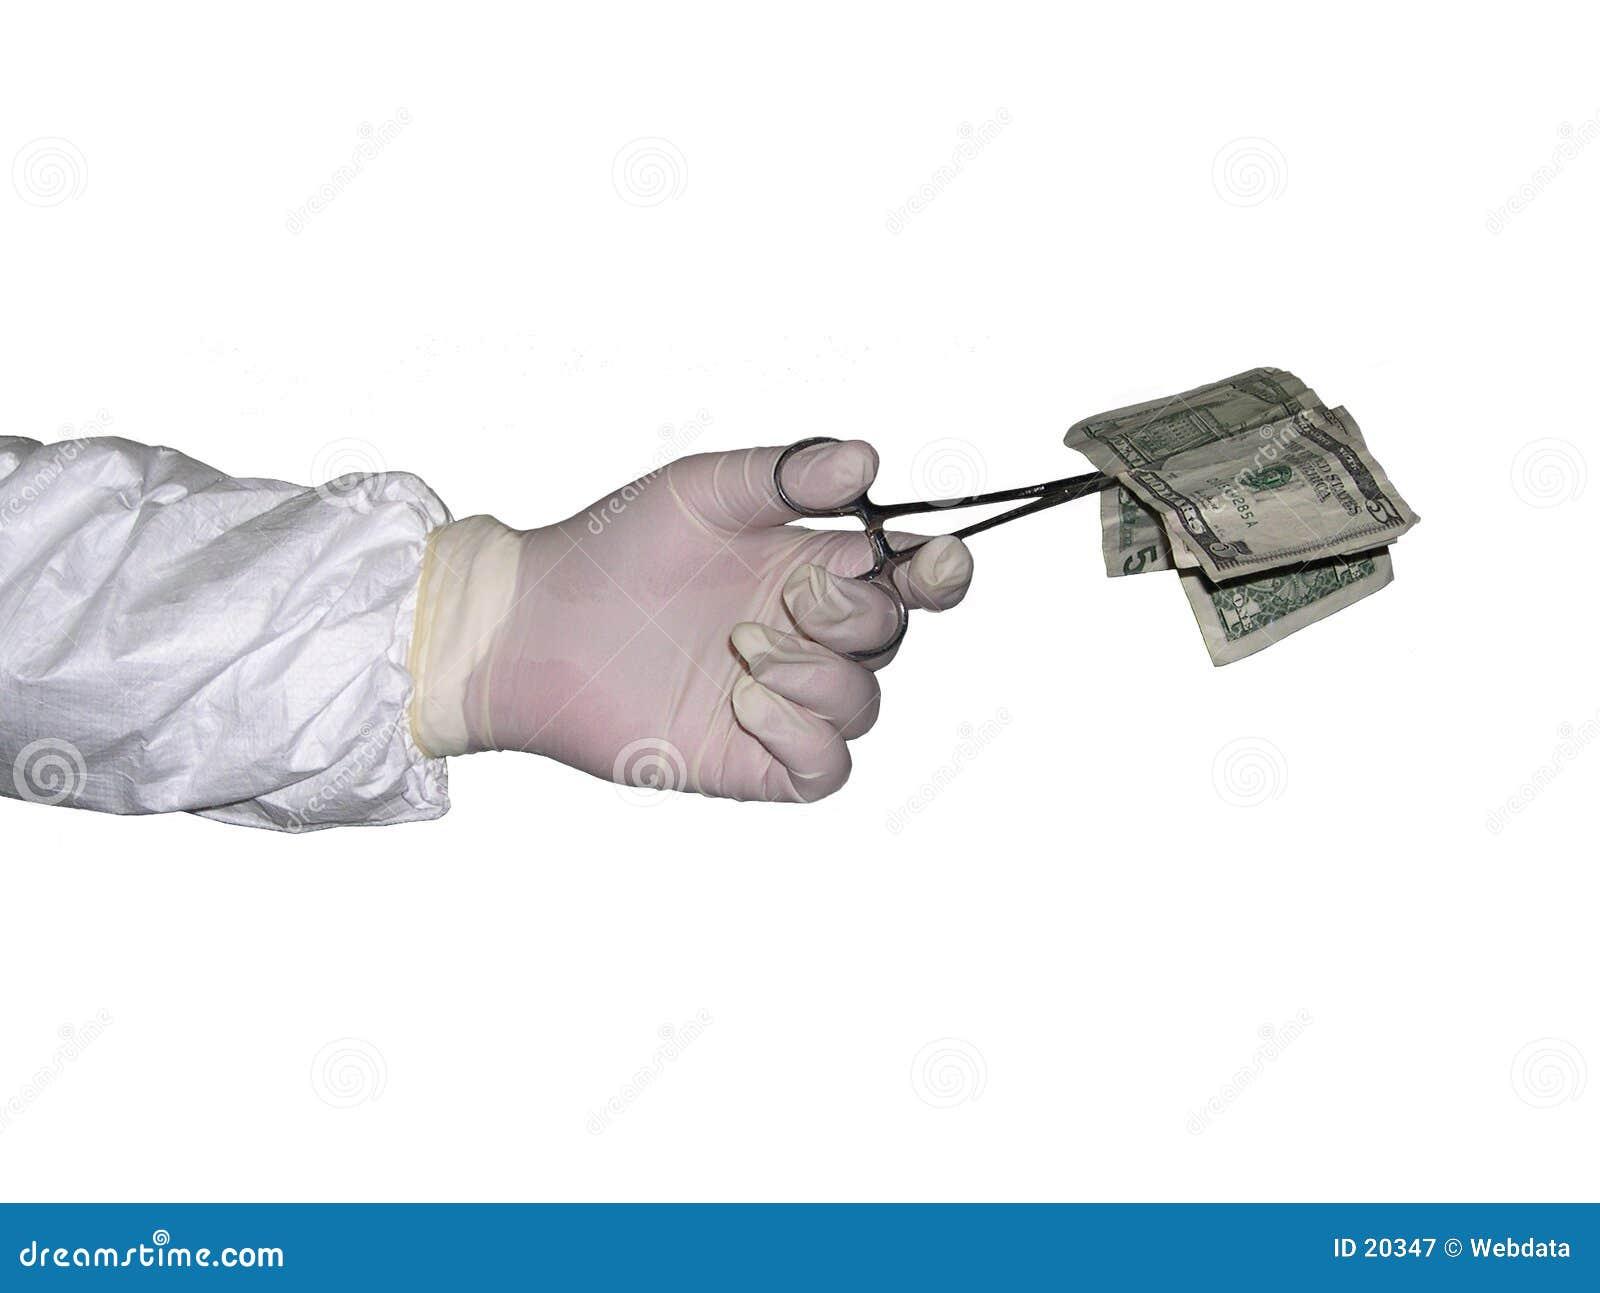 高费用的医疗保健